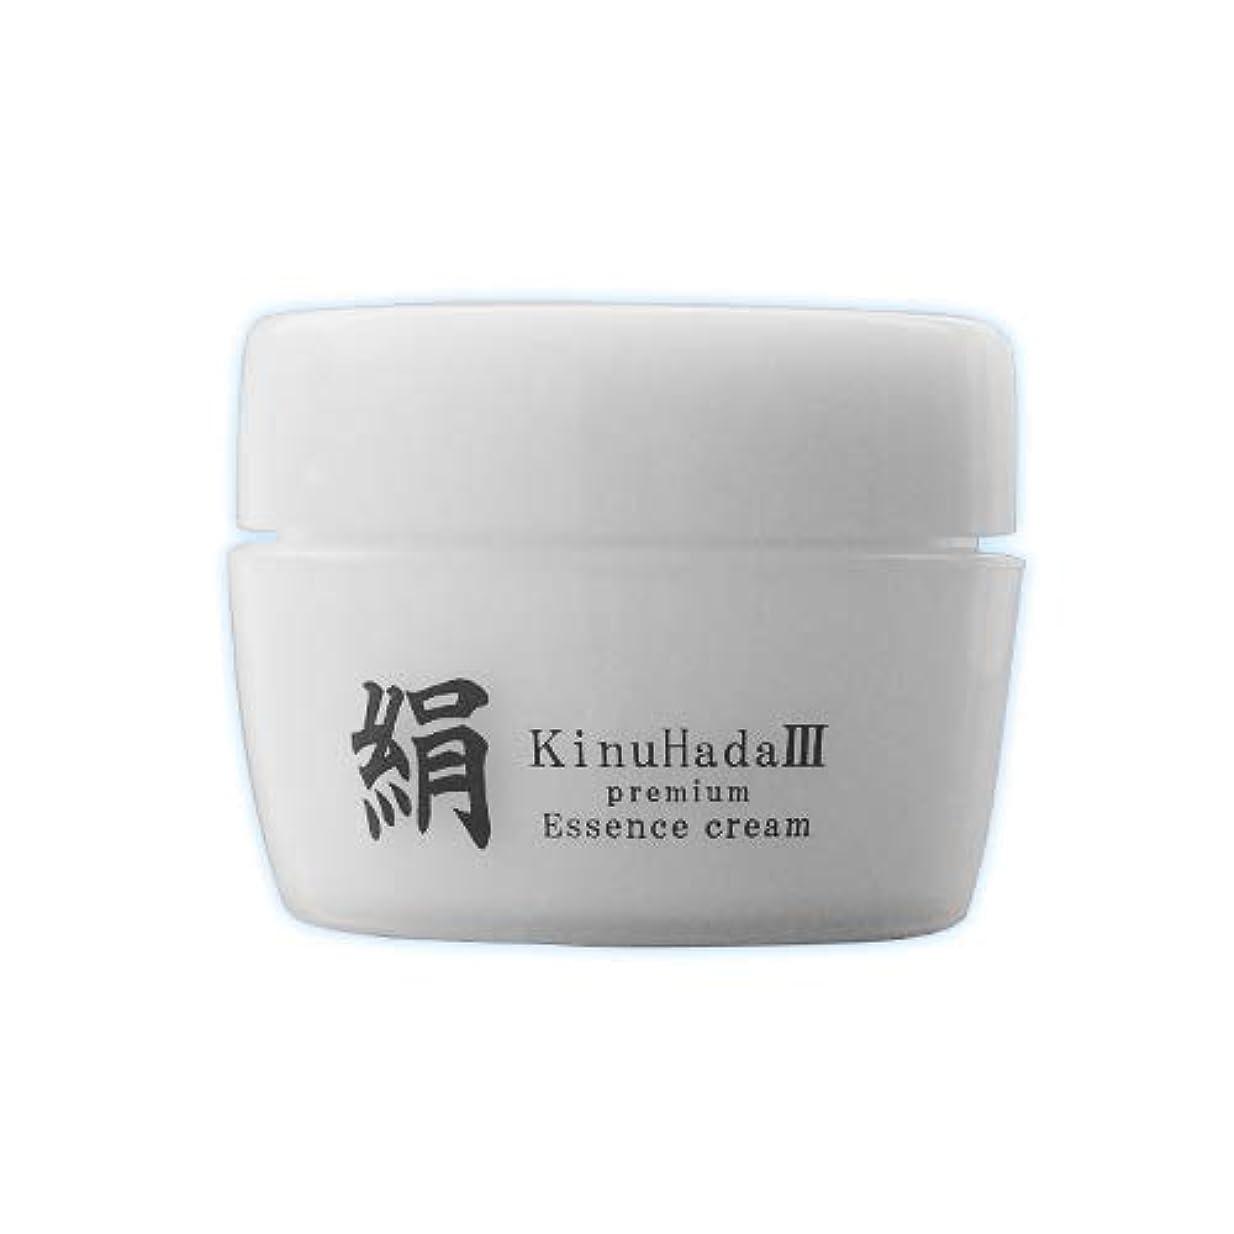 罰する能力割るKinuHada 3 premium 60g オールインワン 美容液 絹